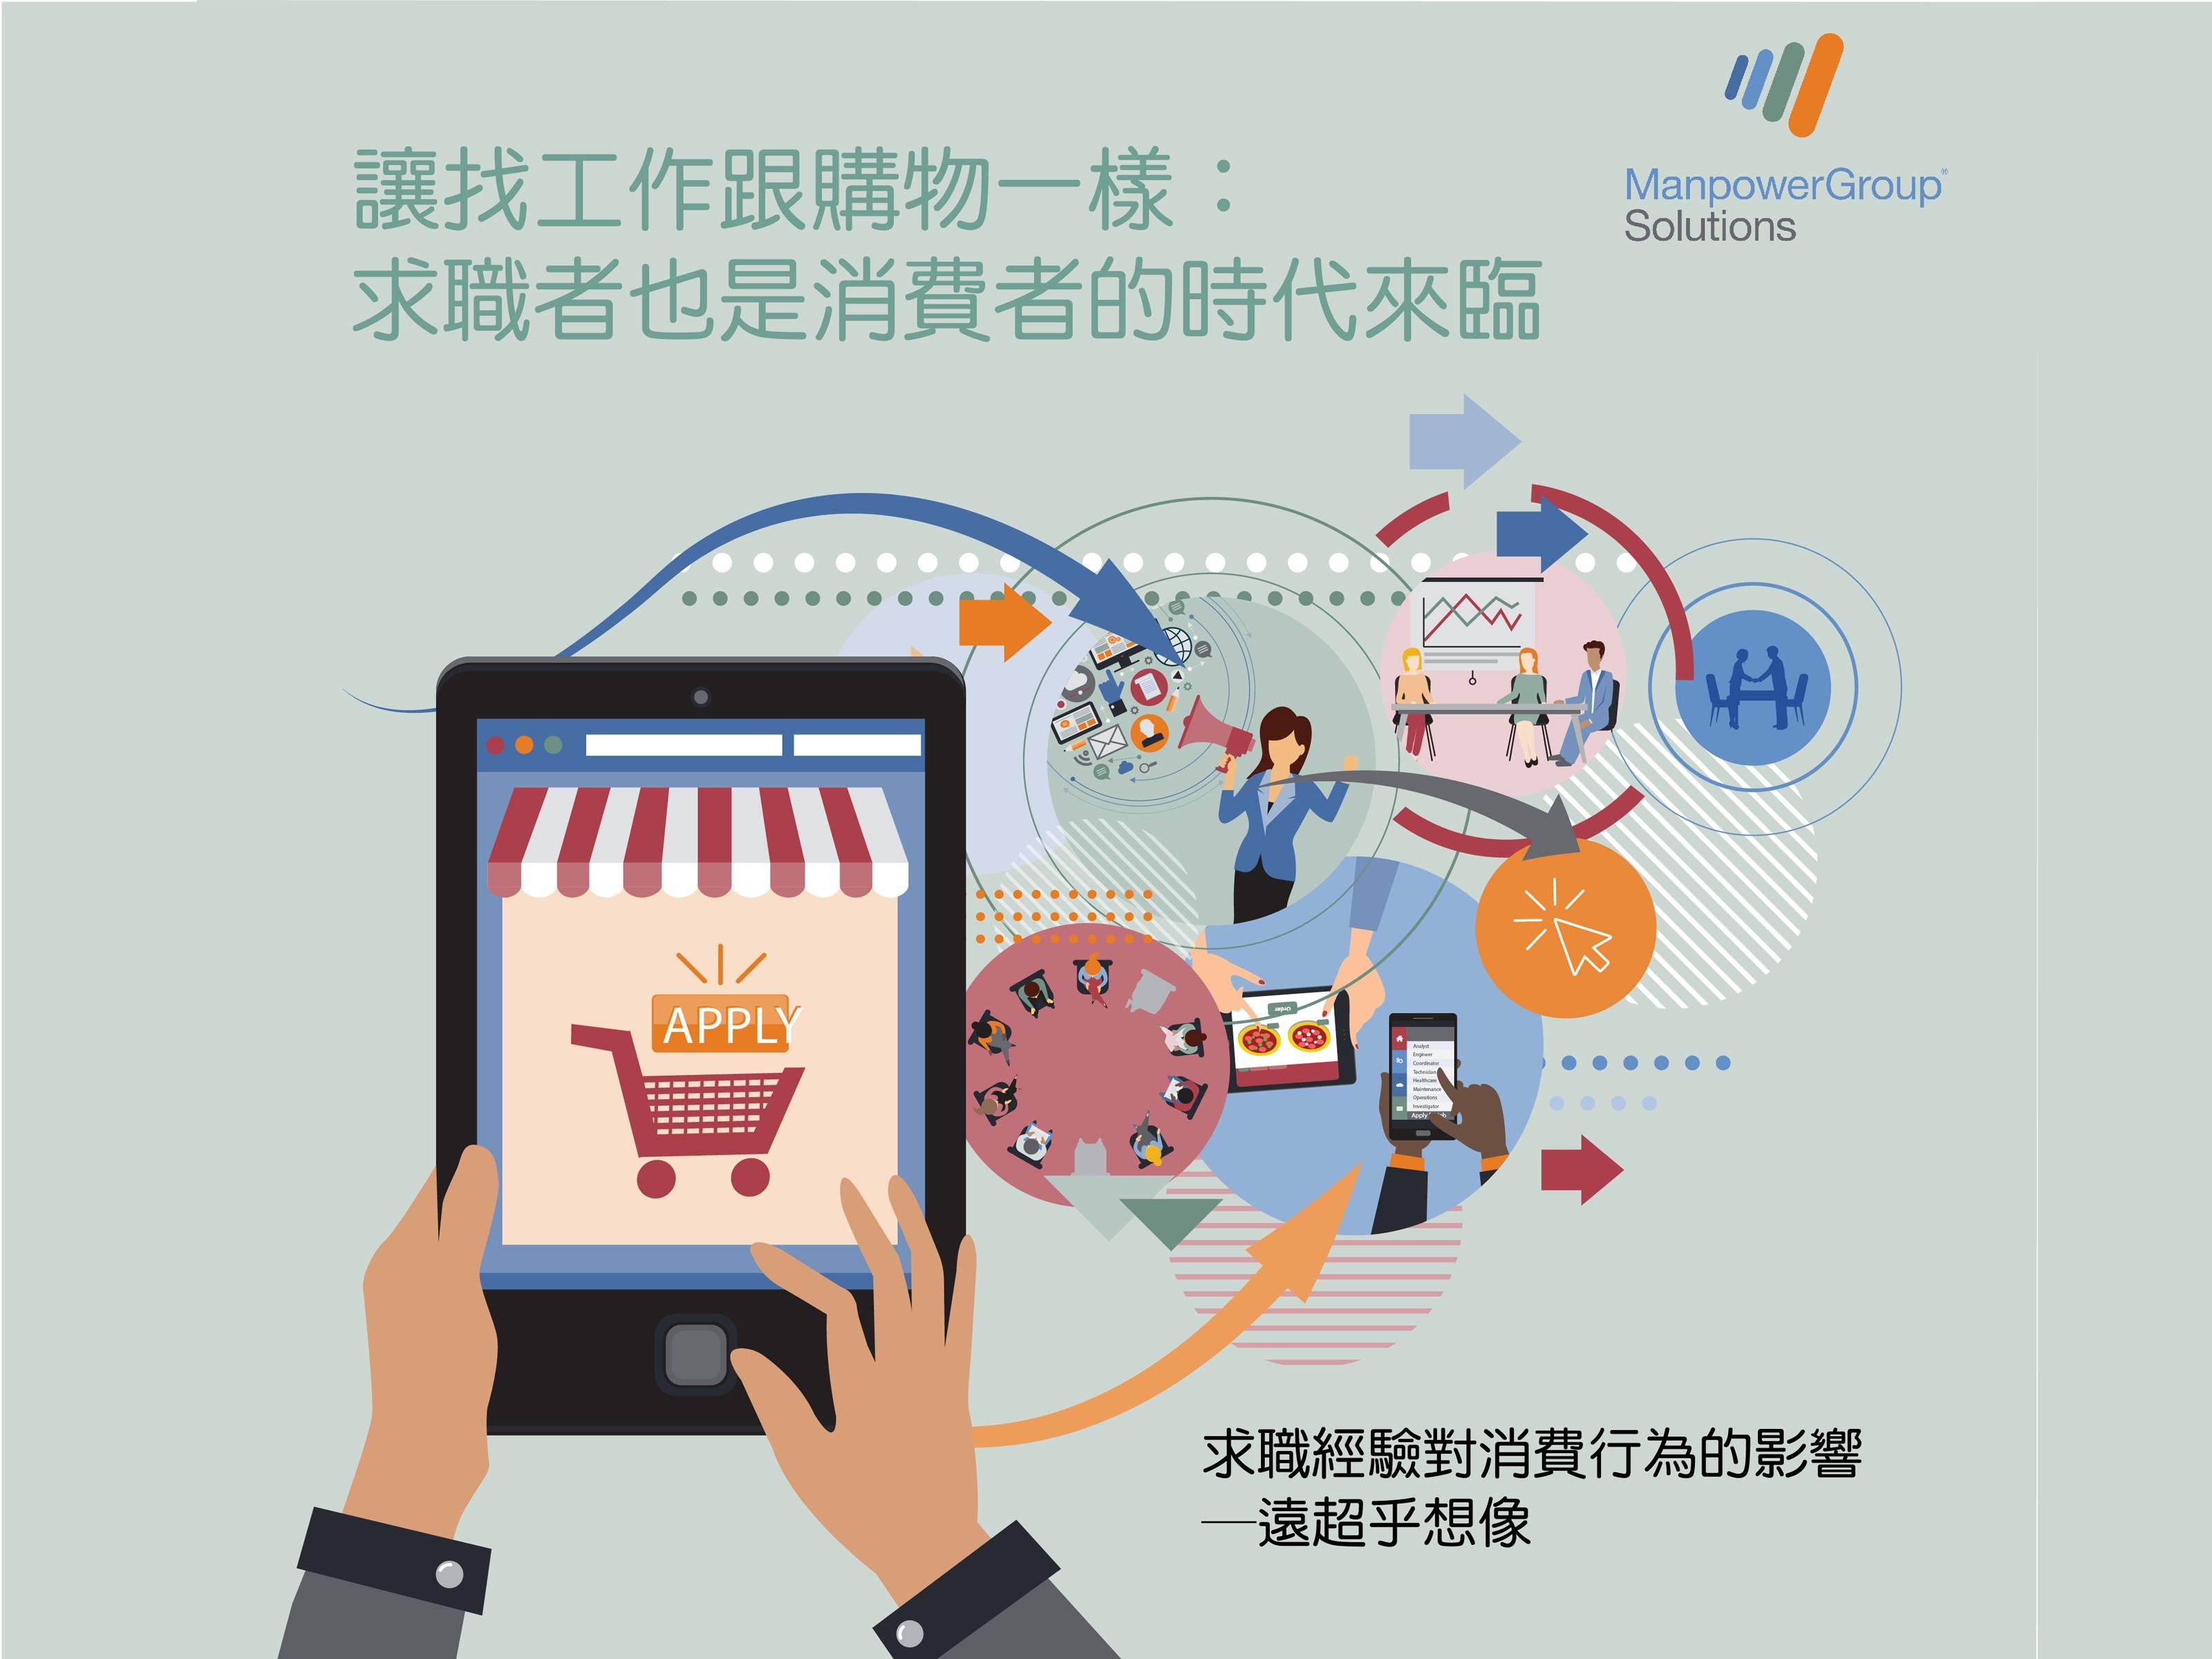 讓找工作跟購物一樣: 求職者也是消費者的時代來臨